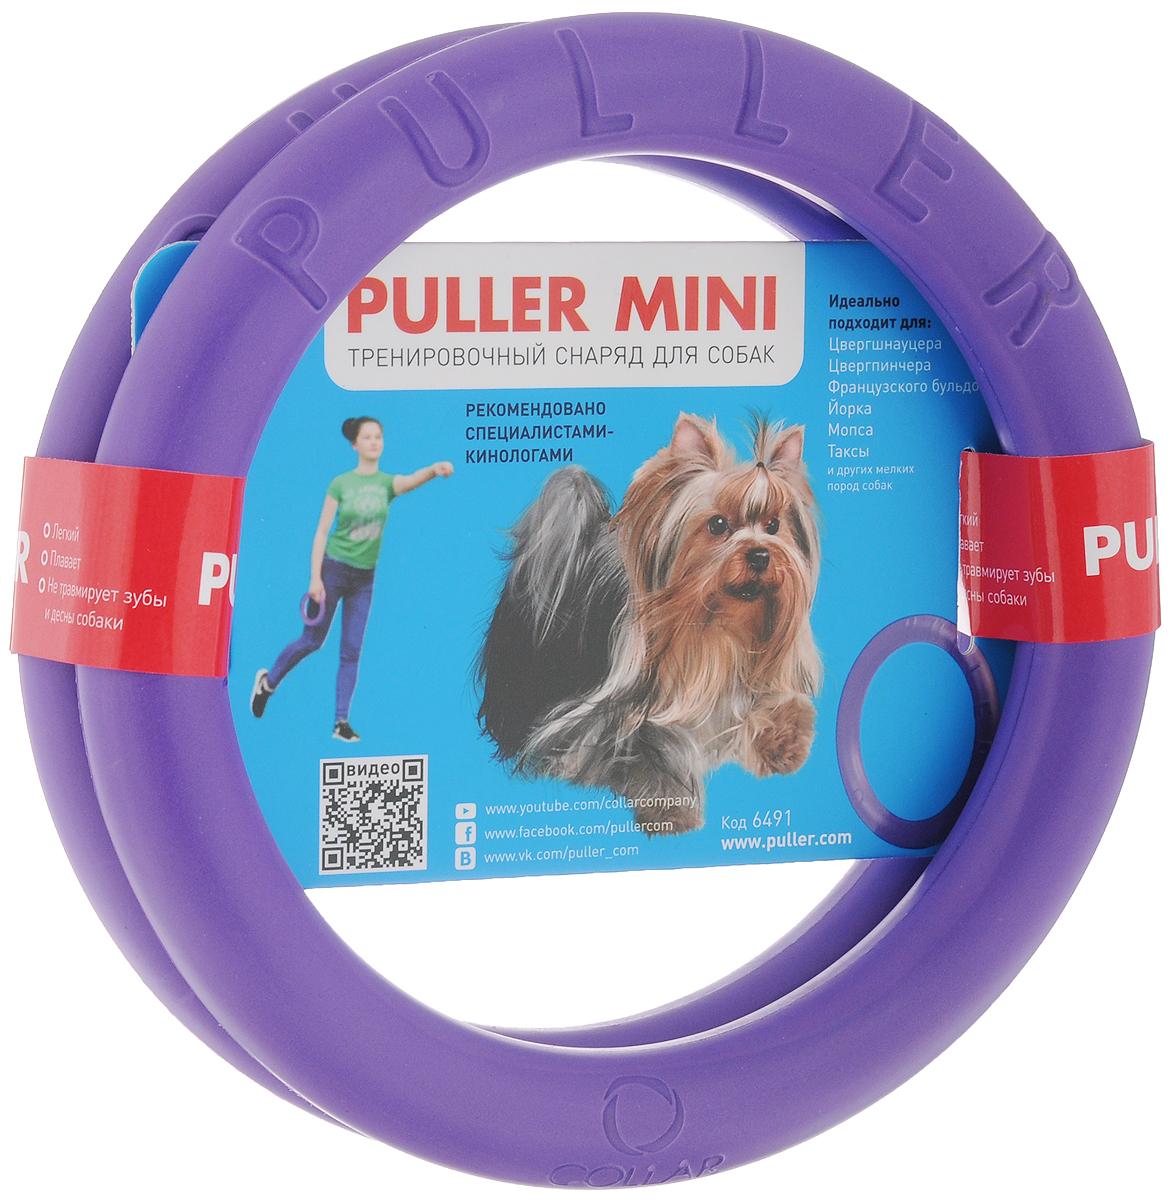 Снаряд тренировочный Puller Мini, цвет: фиолетовый, диаметр 18 см6491Тренировочный снаряд Puller Мini предназначен для мелких и декоративных пород собак. Puller Мini укрепляет здоровье собаки и делает ее более послушной. Puller (Пуллер) — тренировочный снаряд для собак, состоящий из двух колец. Его задача – дать собаке необходимую физическую нагрузку, не увеличивая время выгула, а улучшая качество самой прогулки. Три простых упражнения с пуллером в течение всего 20 минут дадут нагрузку собаке равную 5 км бега. А это поможет решить такие частые проблемы как непослушание, порча предметов интерьера, излишняя агрессия, ожирение у собаки, болезни опорно-двигательного аппарата. Подходит для таких пород собак как: - цвергшнауцер, - цвергпинчер, - французский бульдог, - йорк, - мопс, - такса. ПРЕИМУЩЕСТВА. Легкий. Позволяет владельцу тренировать собаку продолжительное время. Плавает. Благодаря уникальному материалу снаряд держится на воде, хорошо виден собаке и...